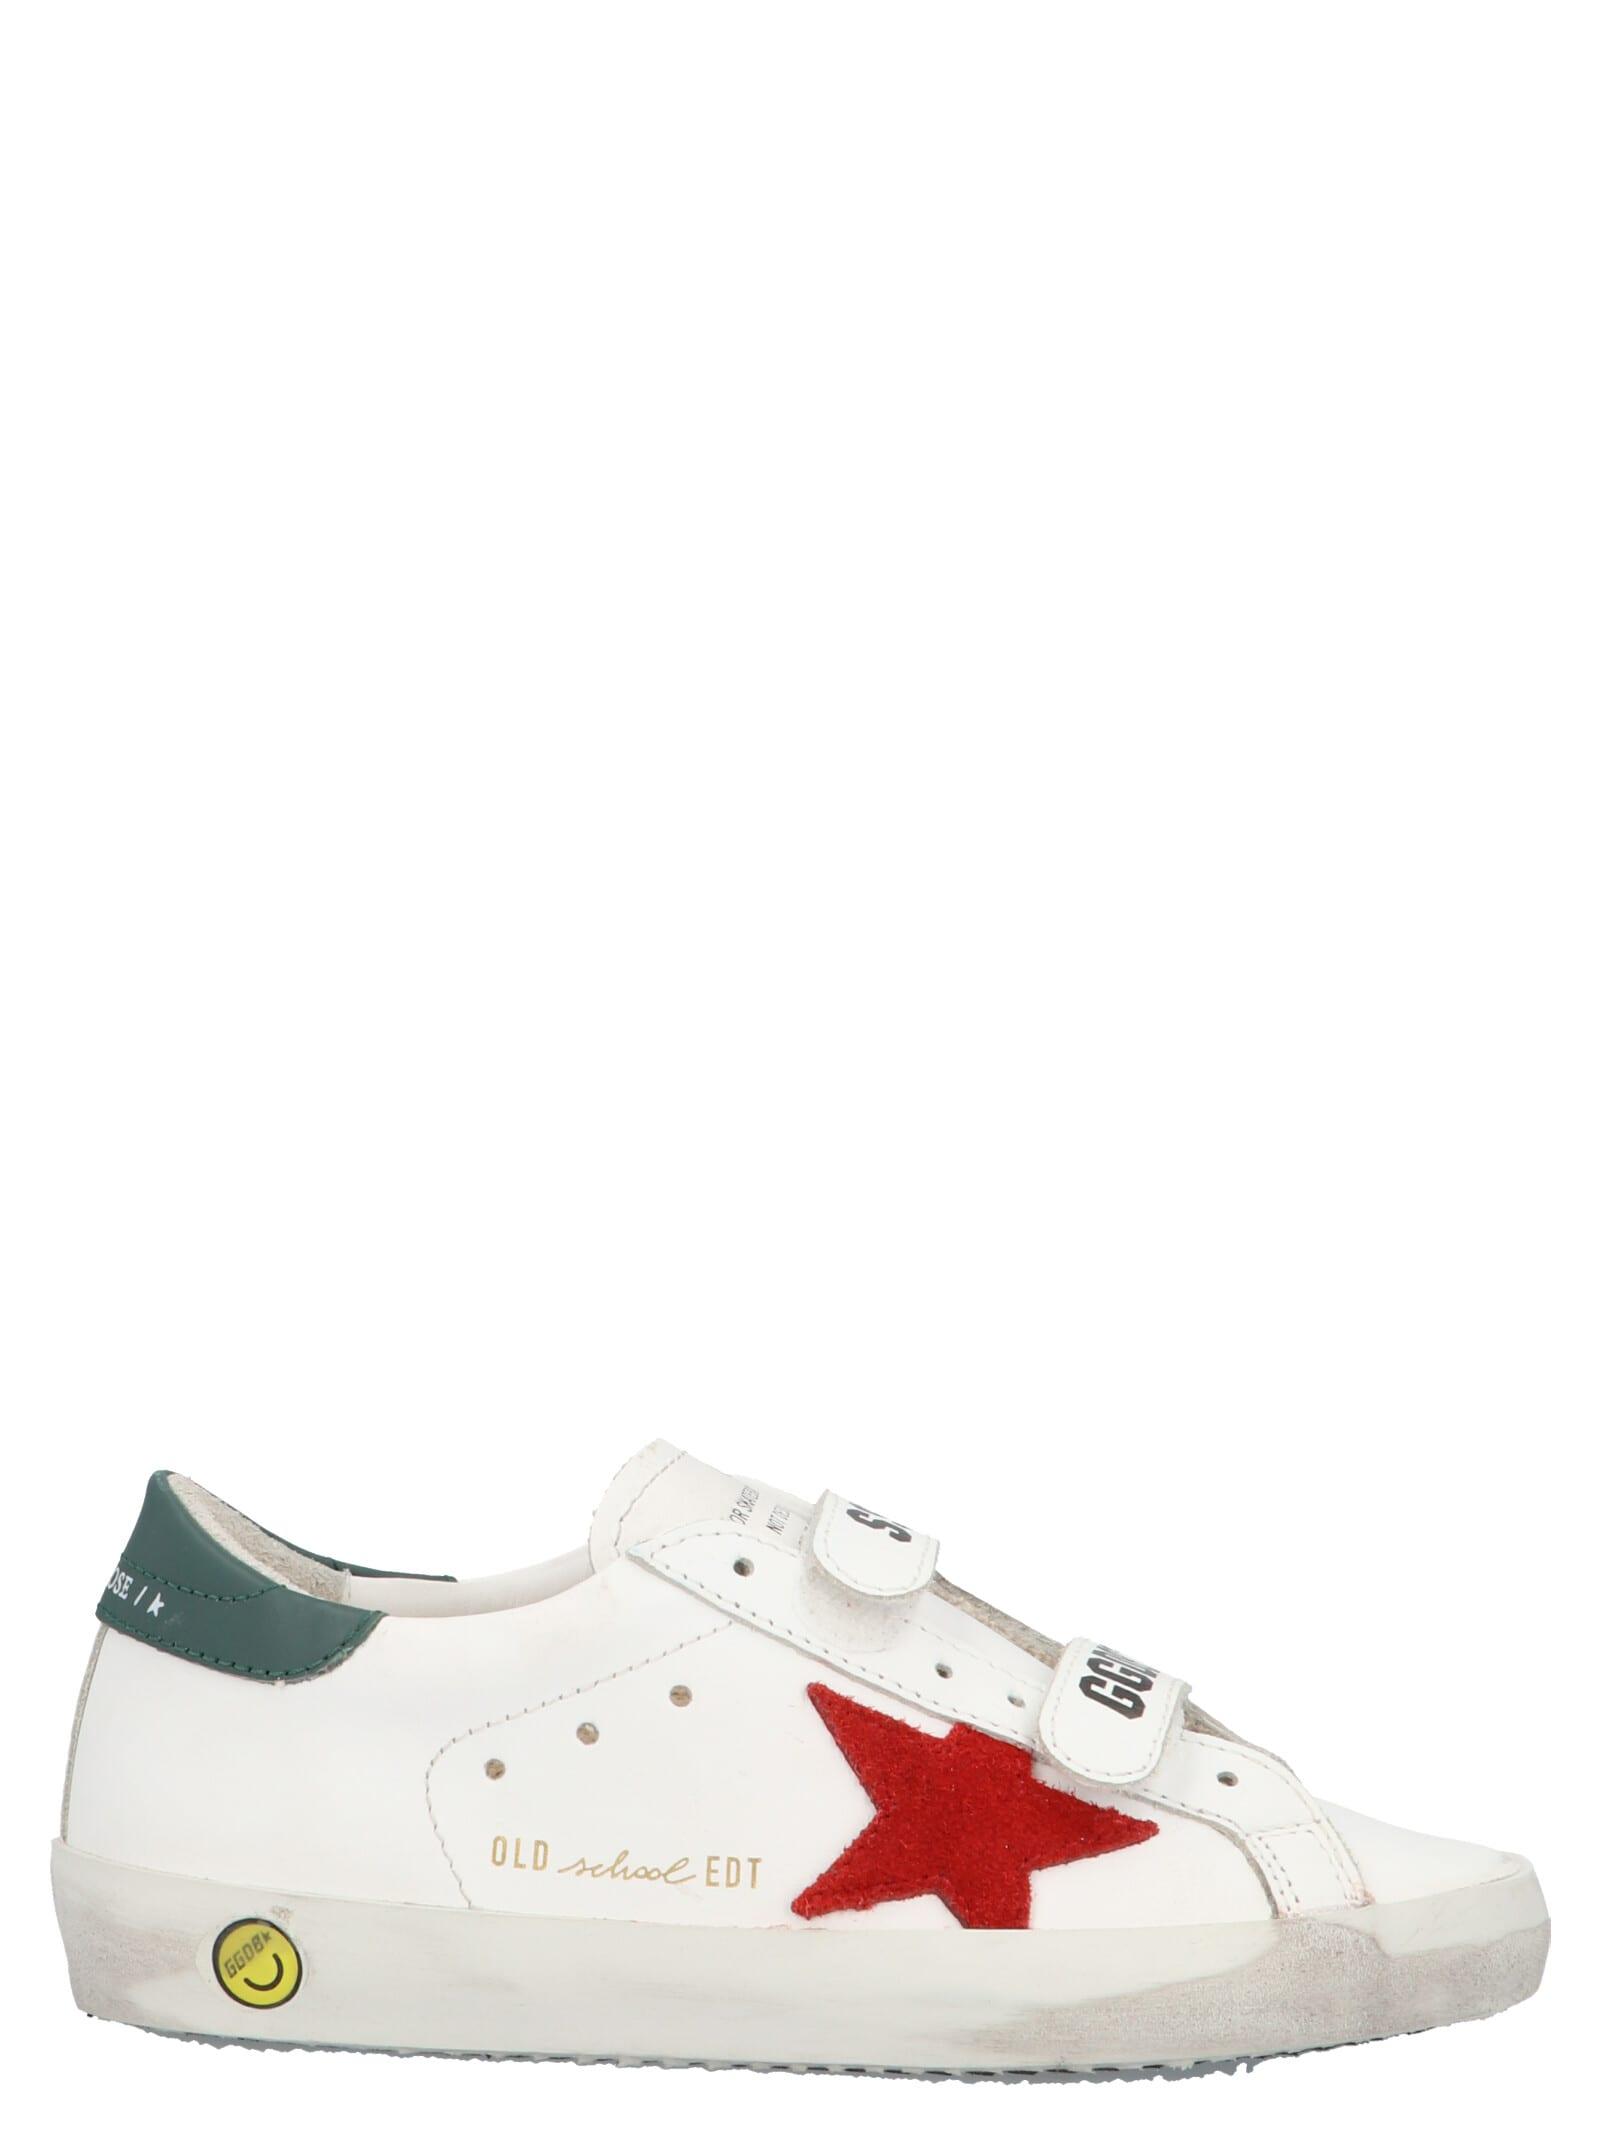 Golden Goose Shoes | italist, ALWAYS